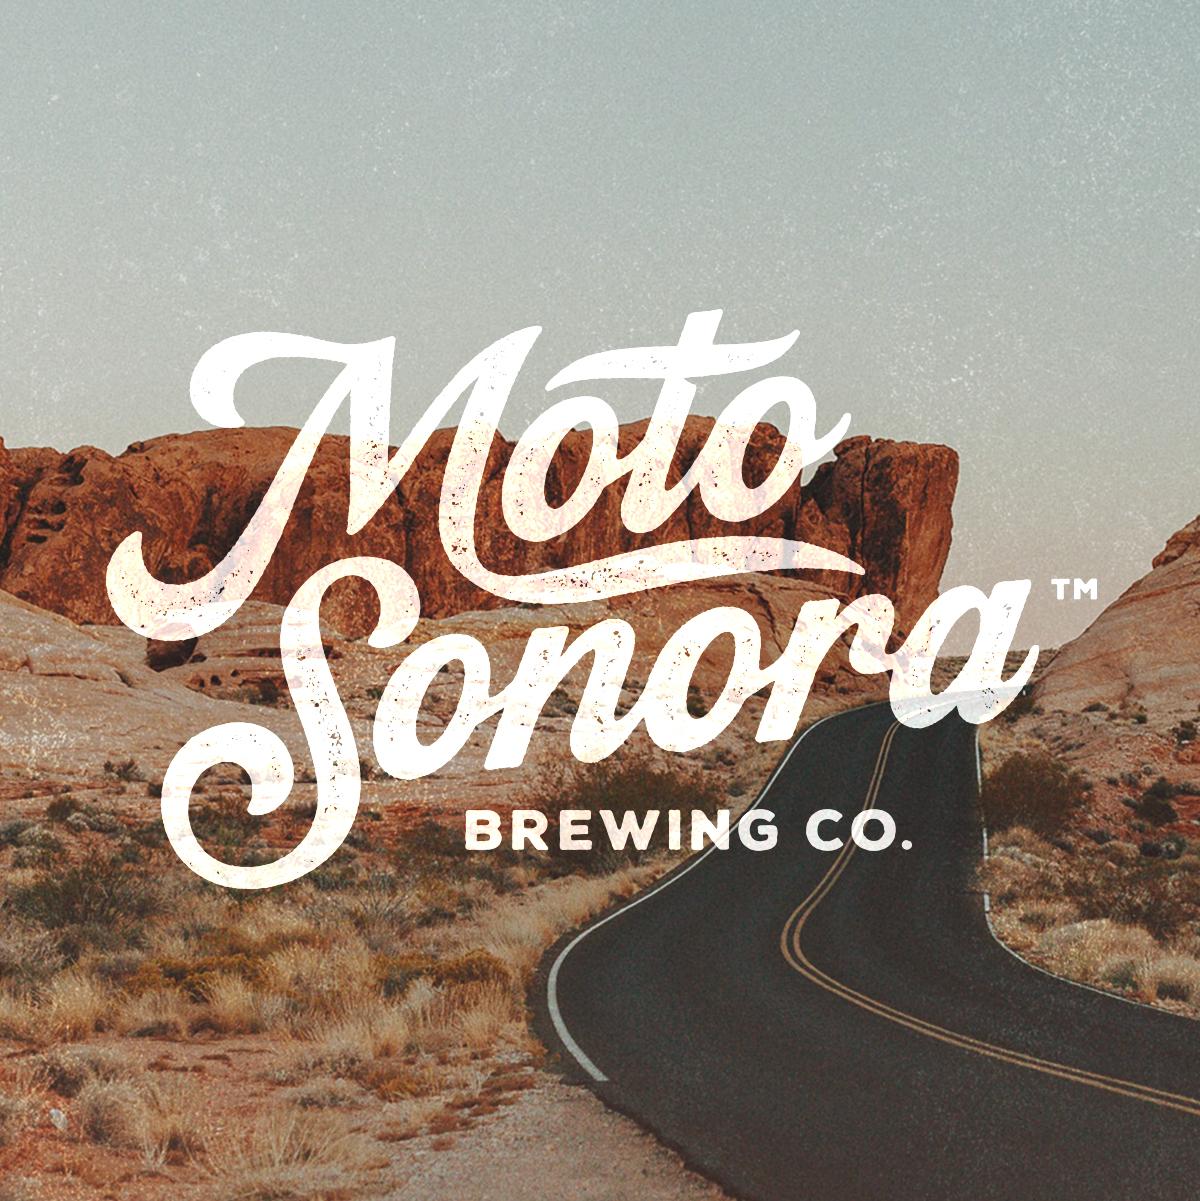 Traina Design - Moto Sonora Brewing Co.5.jpg